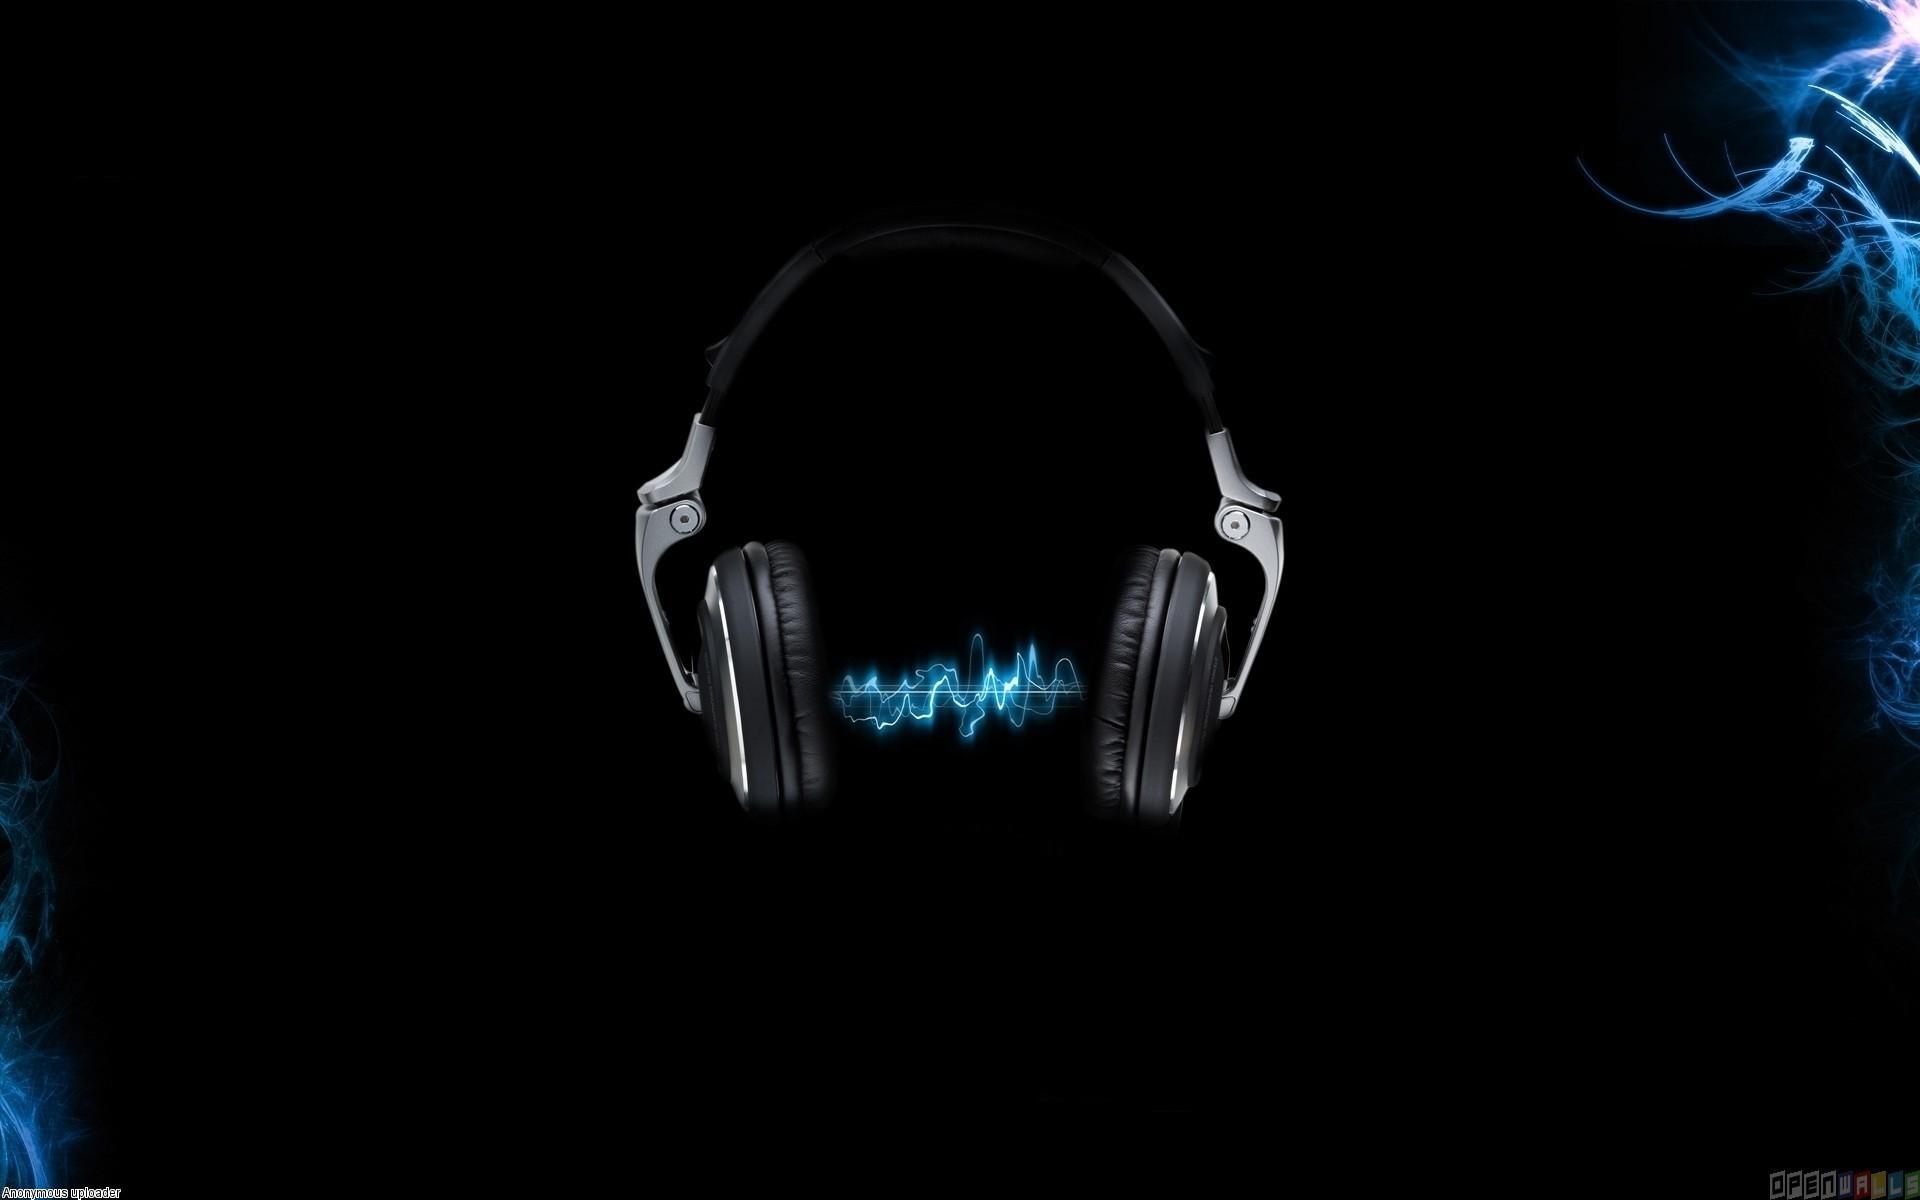 waves, sound, desktop, background, themes, image, weird, wavesound .